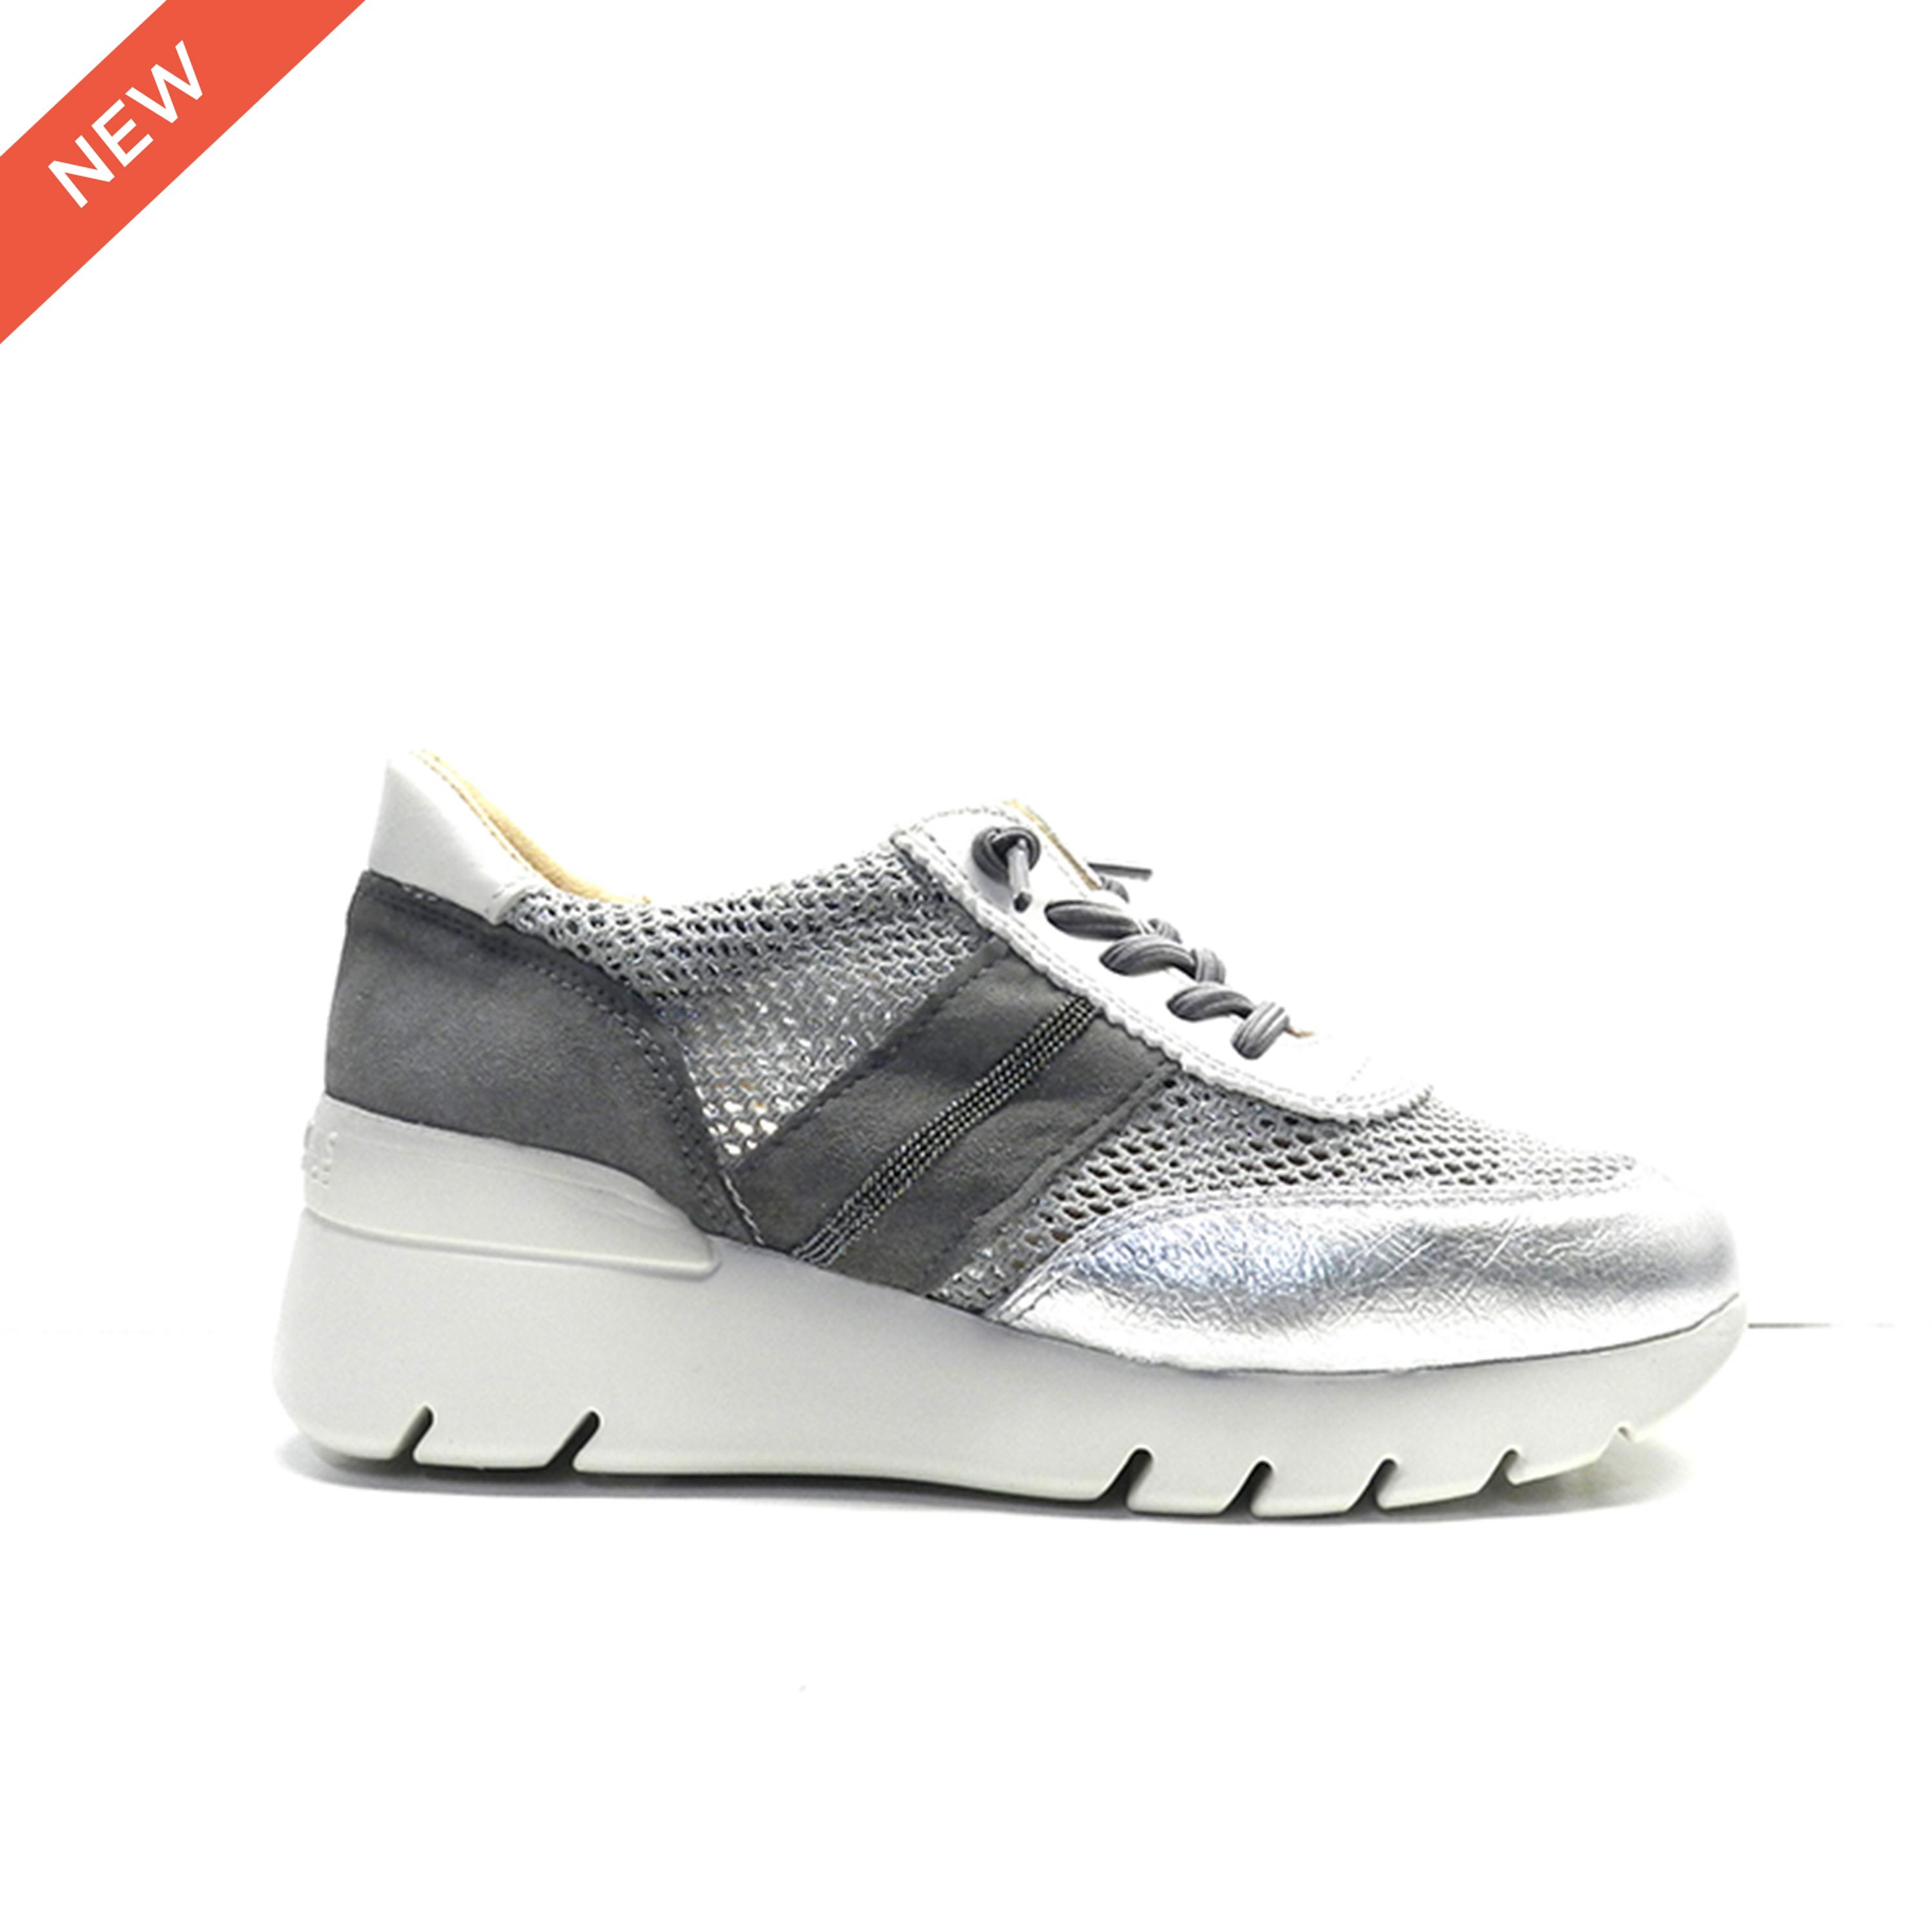 Sneakers en napa color plata con rejilla brillo y cordones elásticos, de la marca Hispanitas.